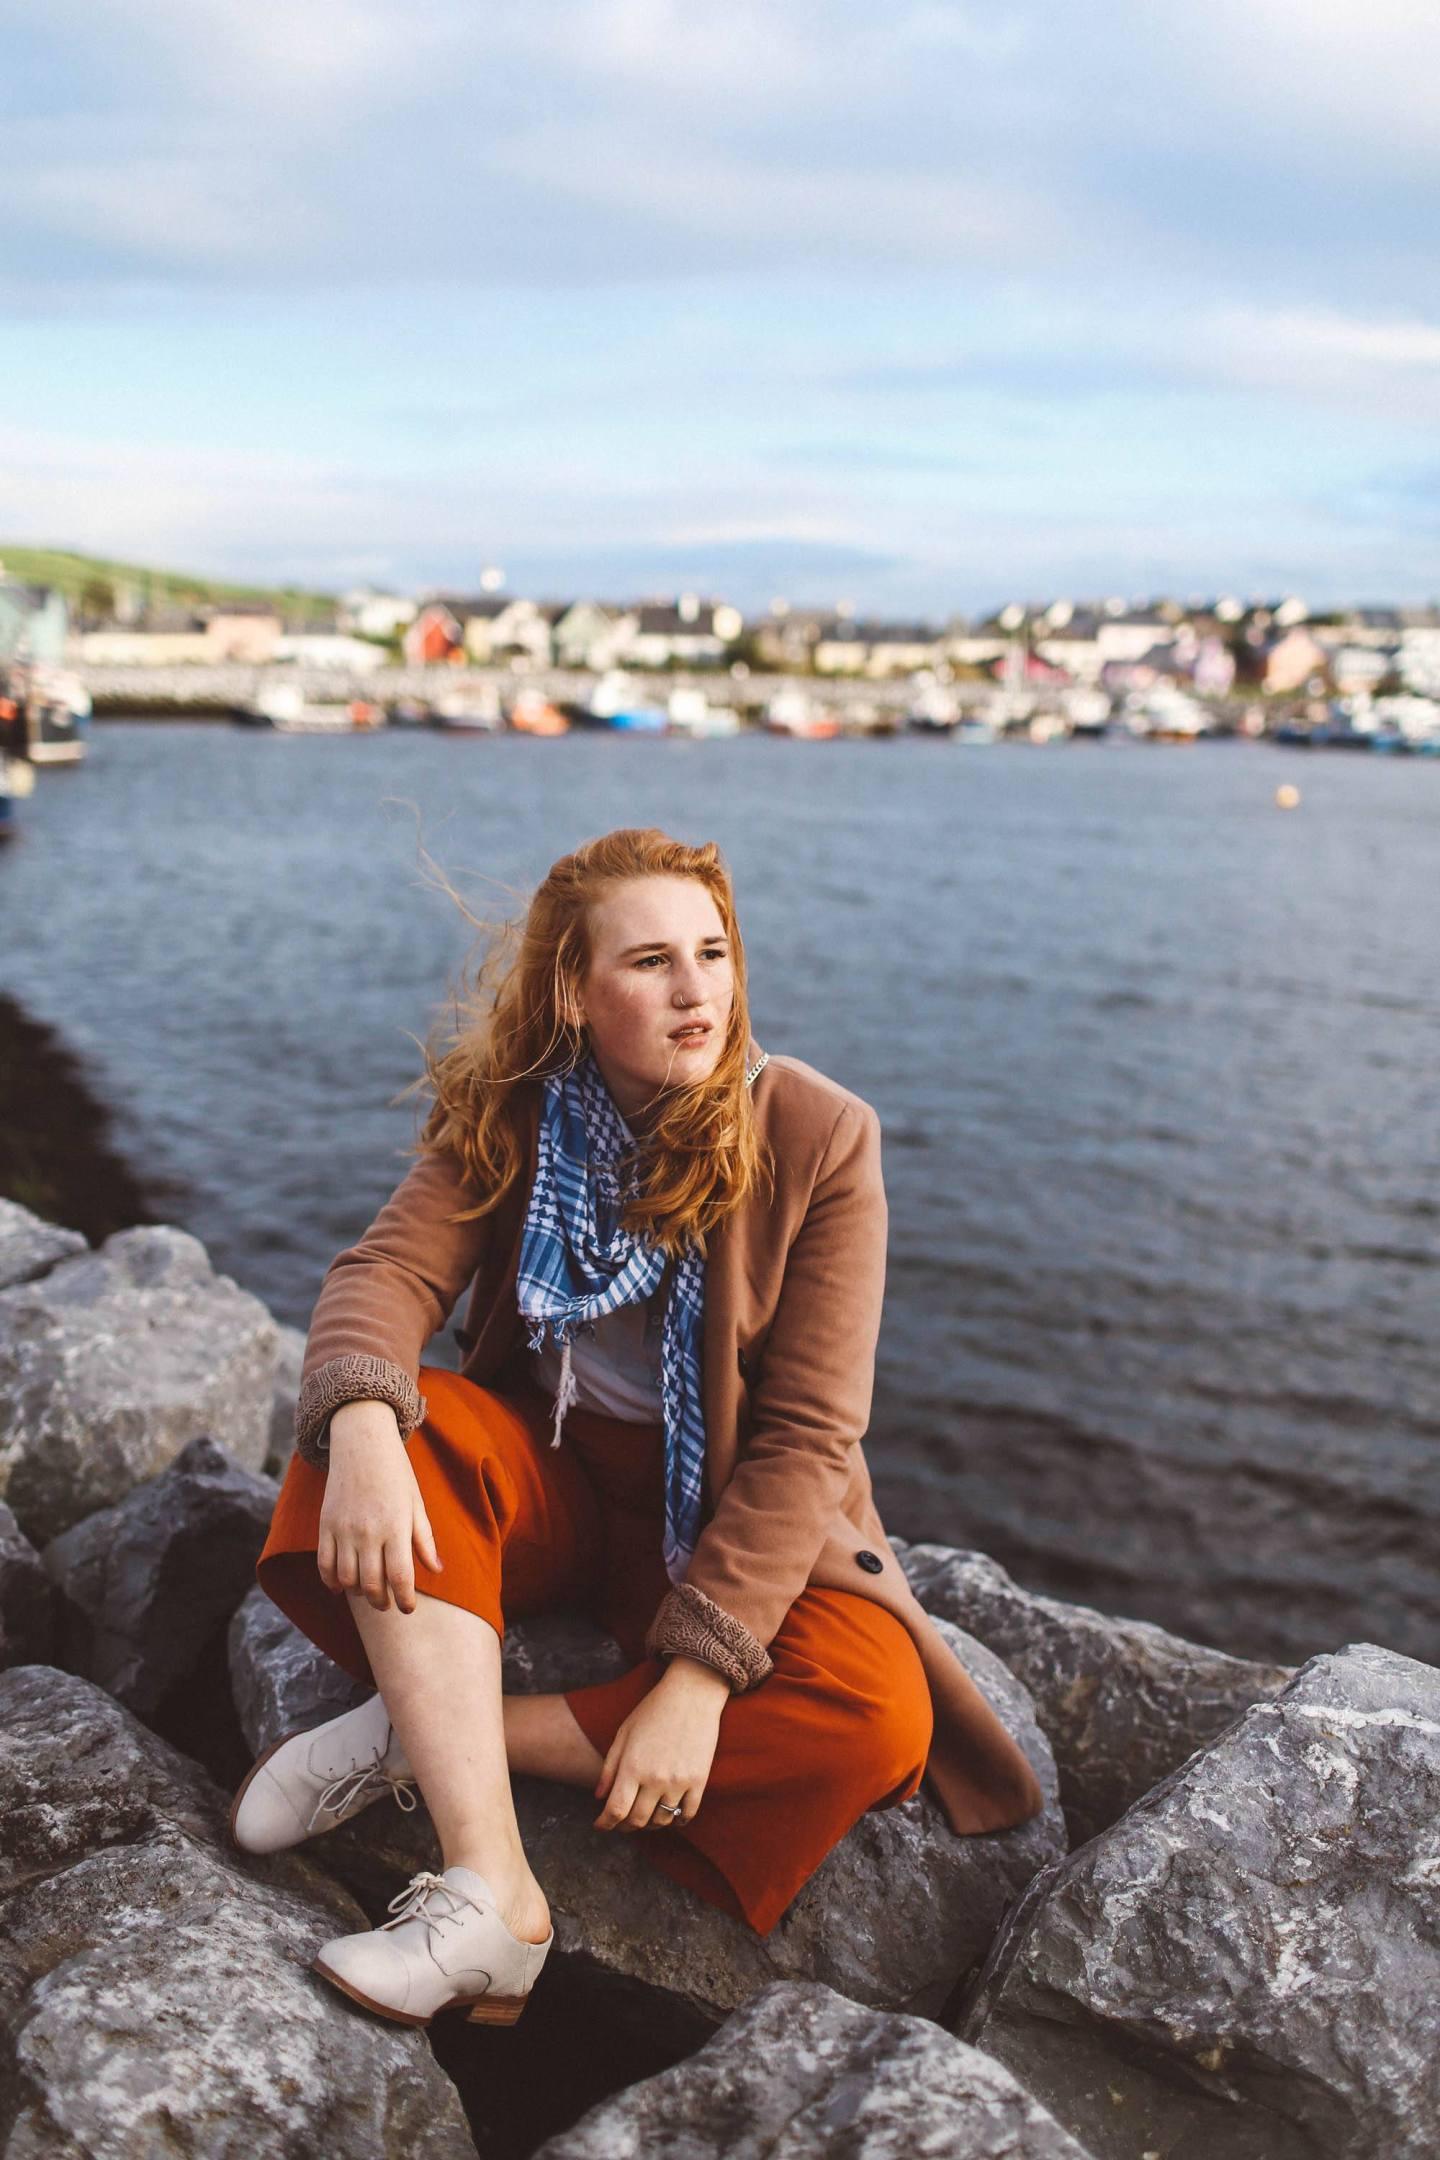 dingle ireland camel coat orange pants